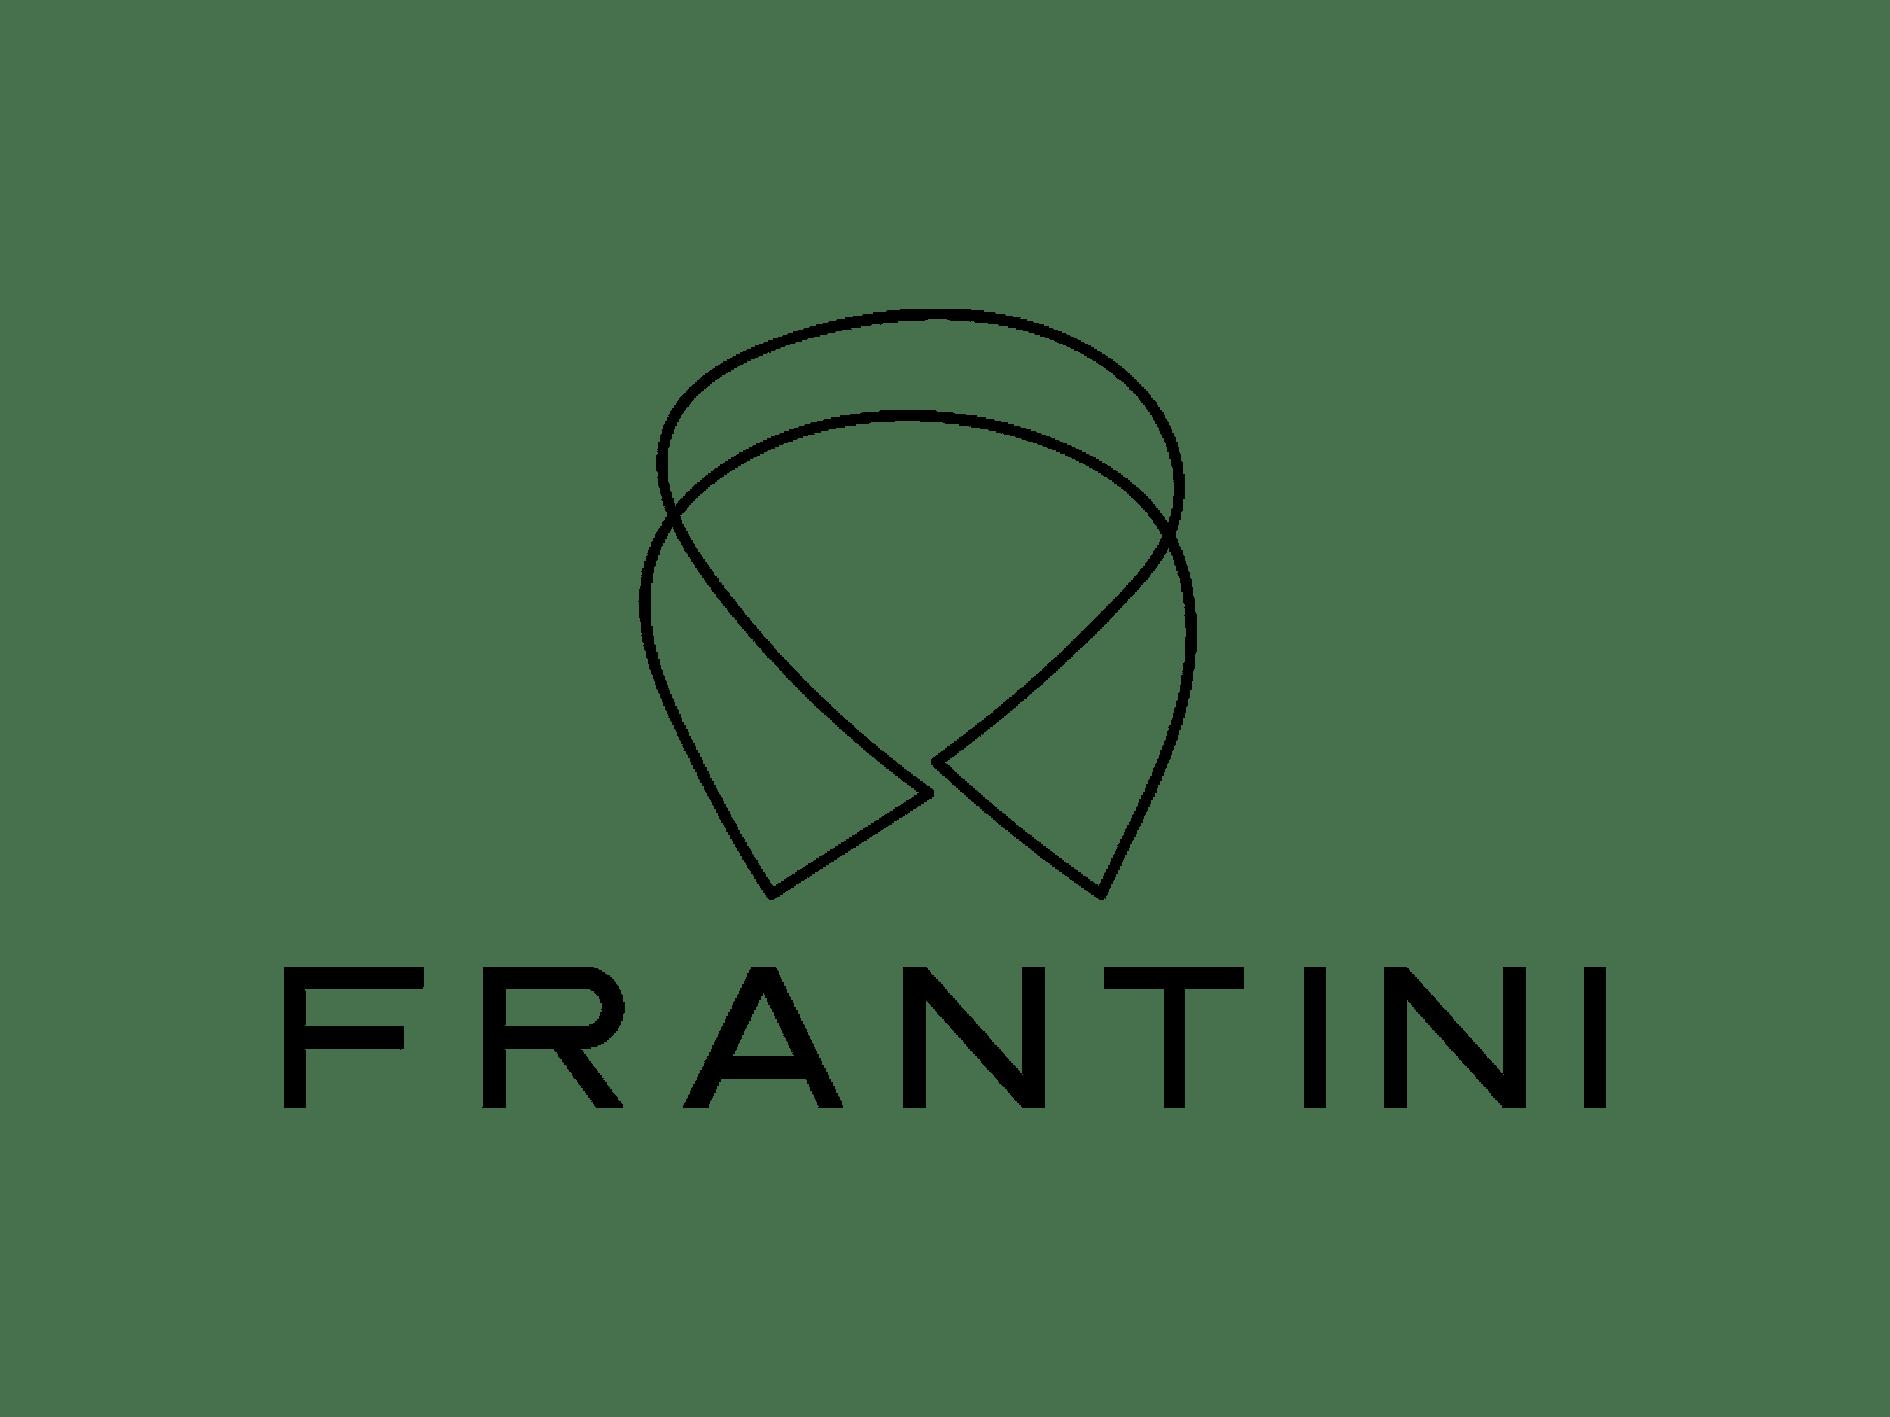 Frantini - kiev.karavan.com.ua